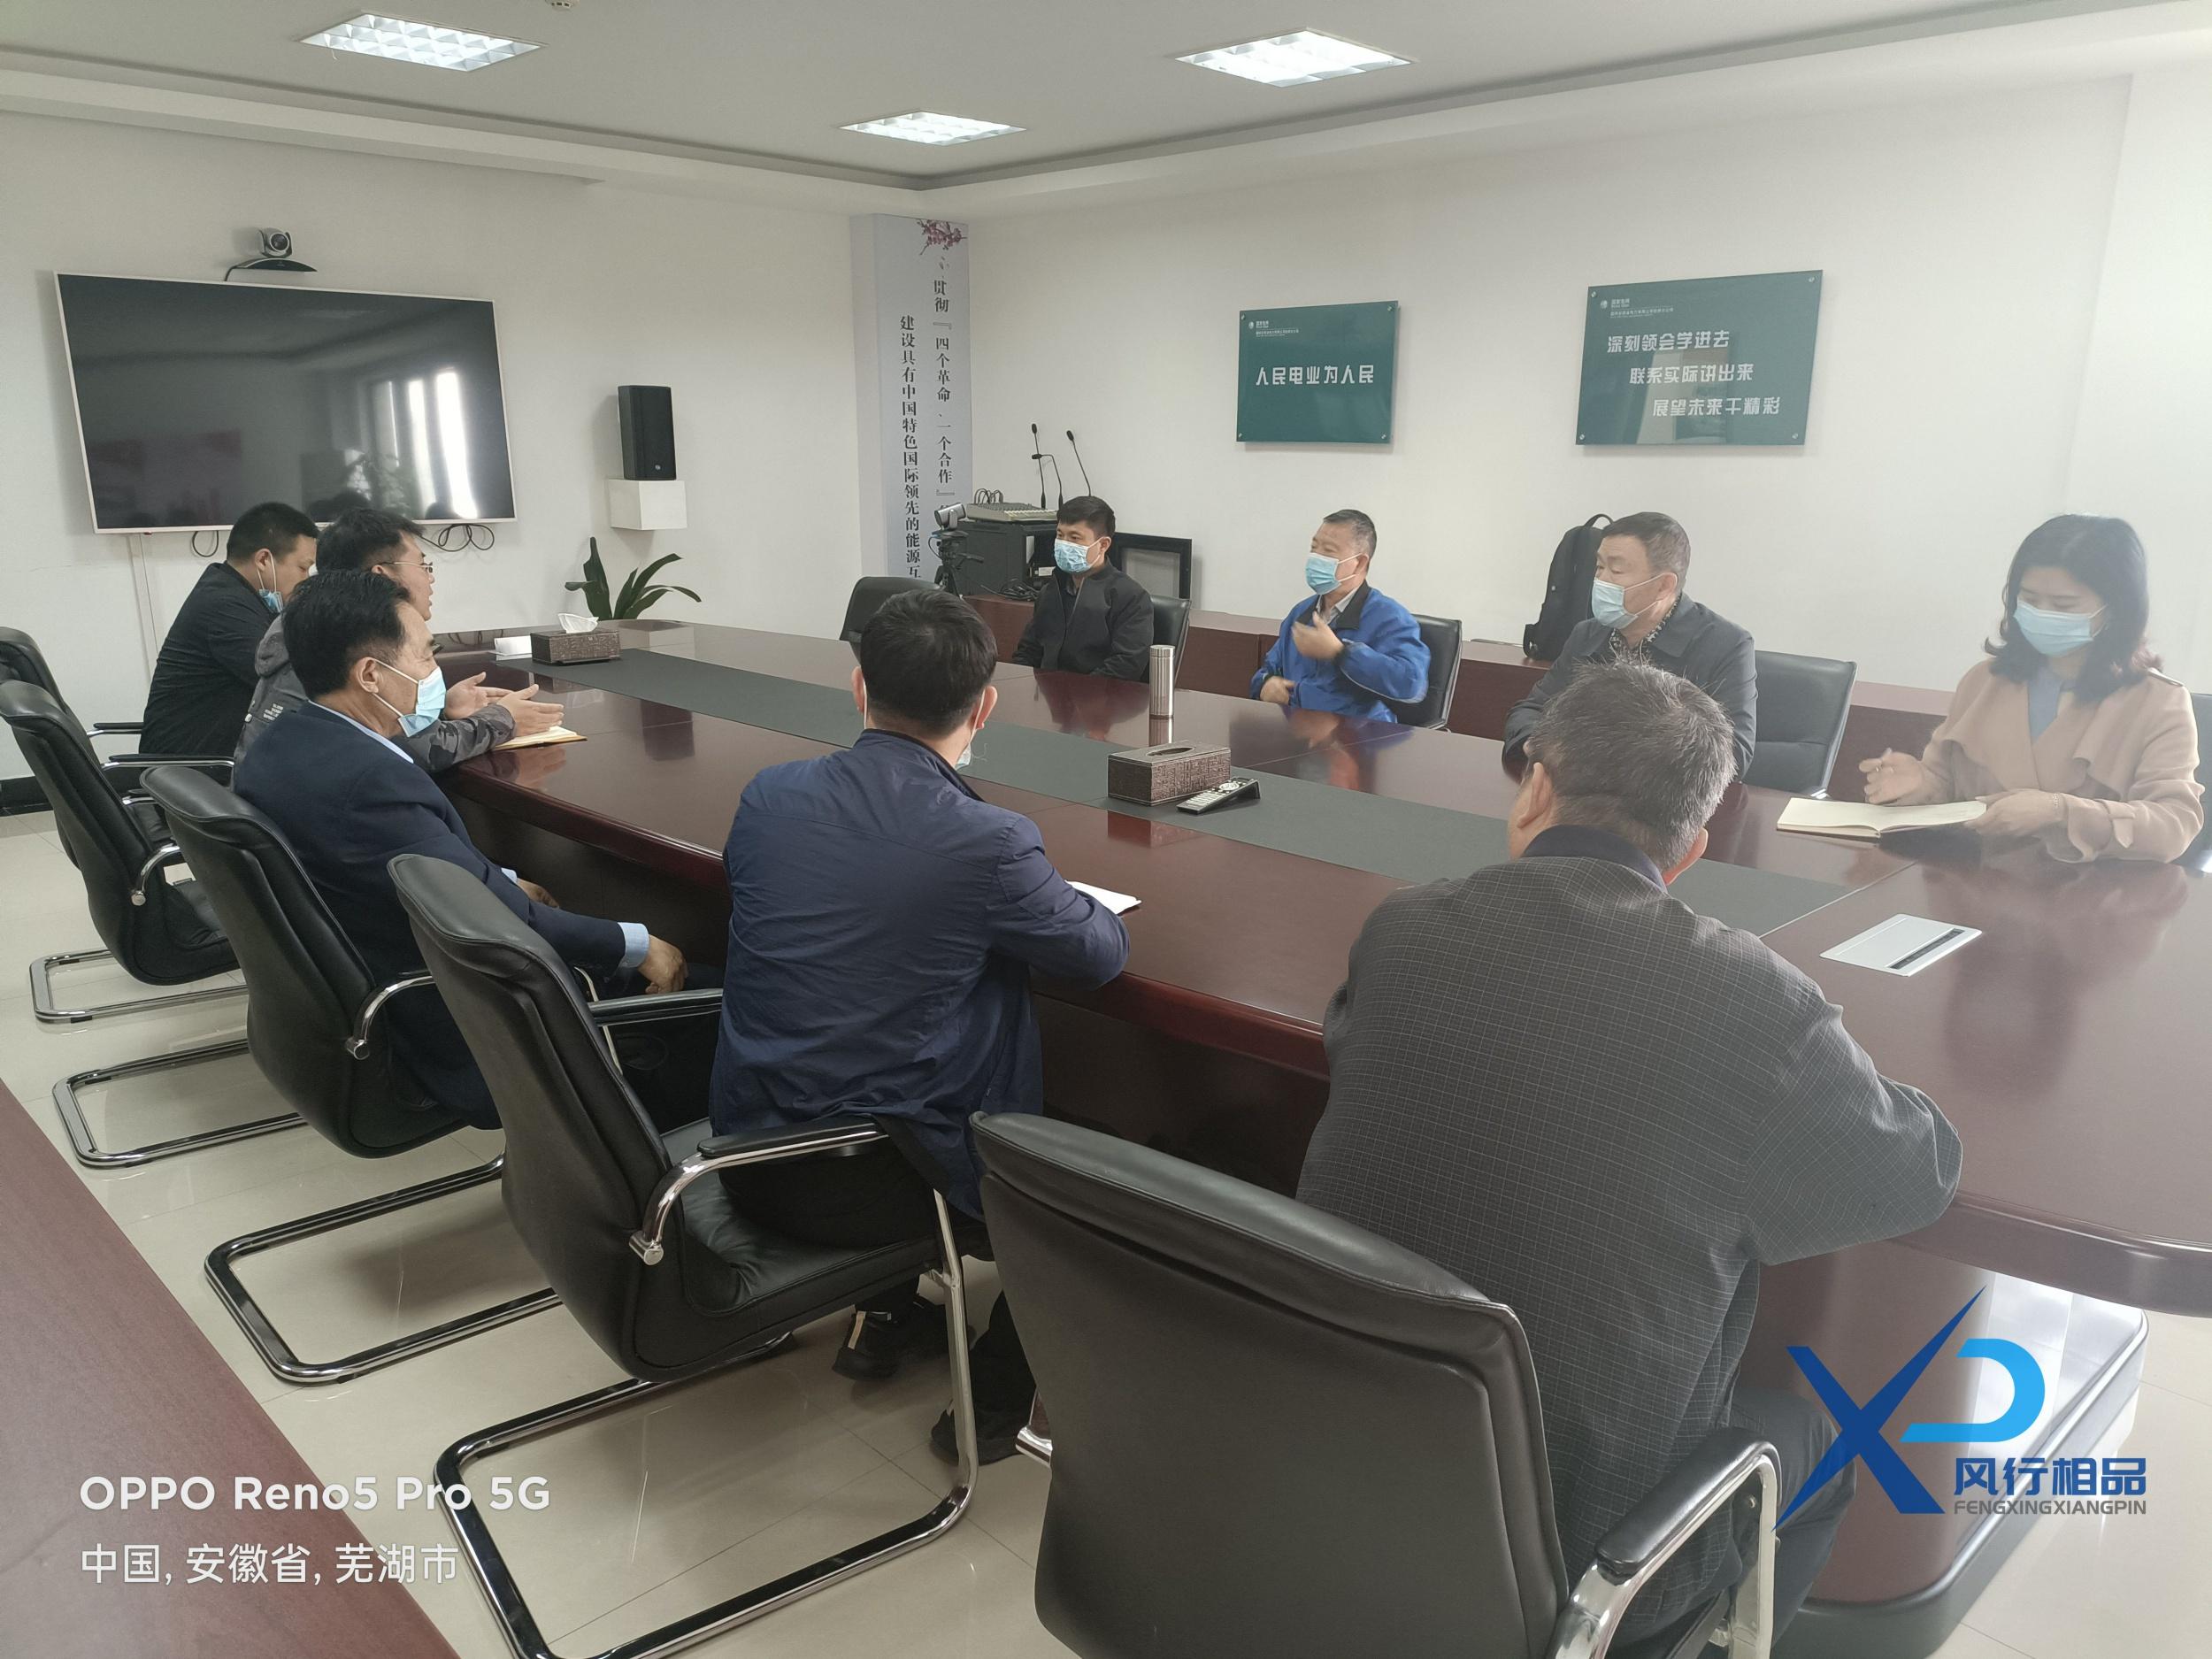 相品科技公司参加1000千伏特高压芜湖站(消防机器人项目)座谈会